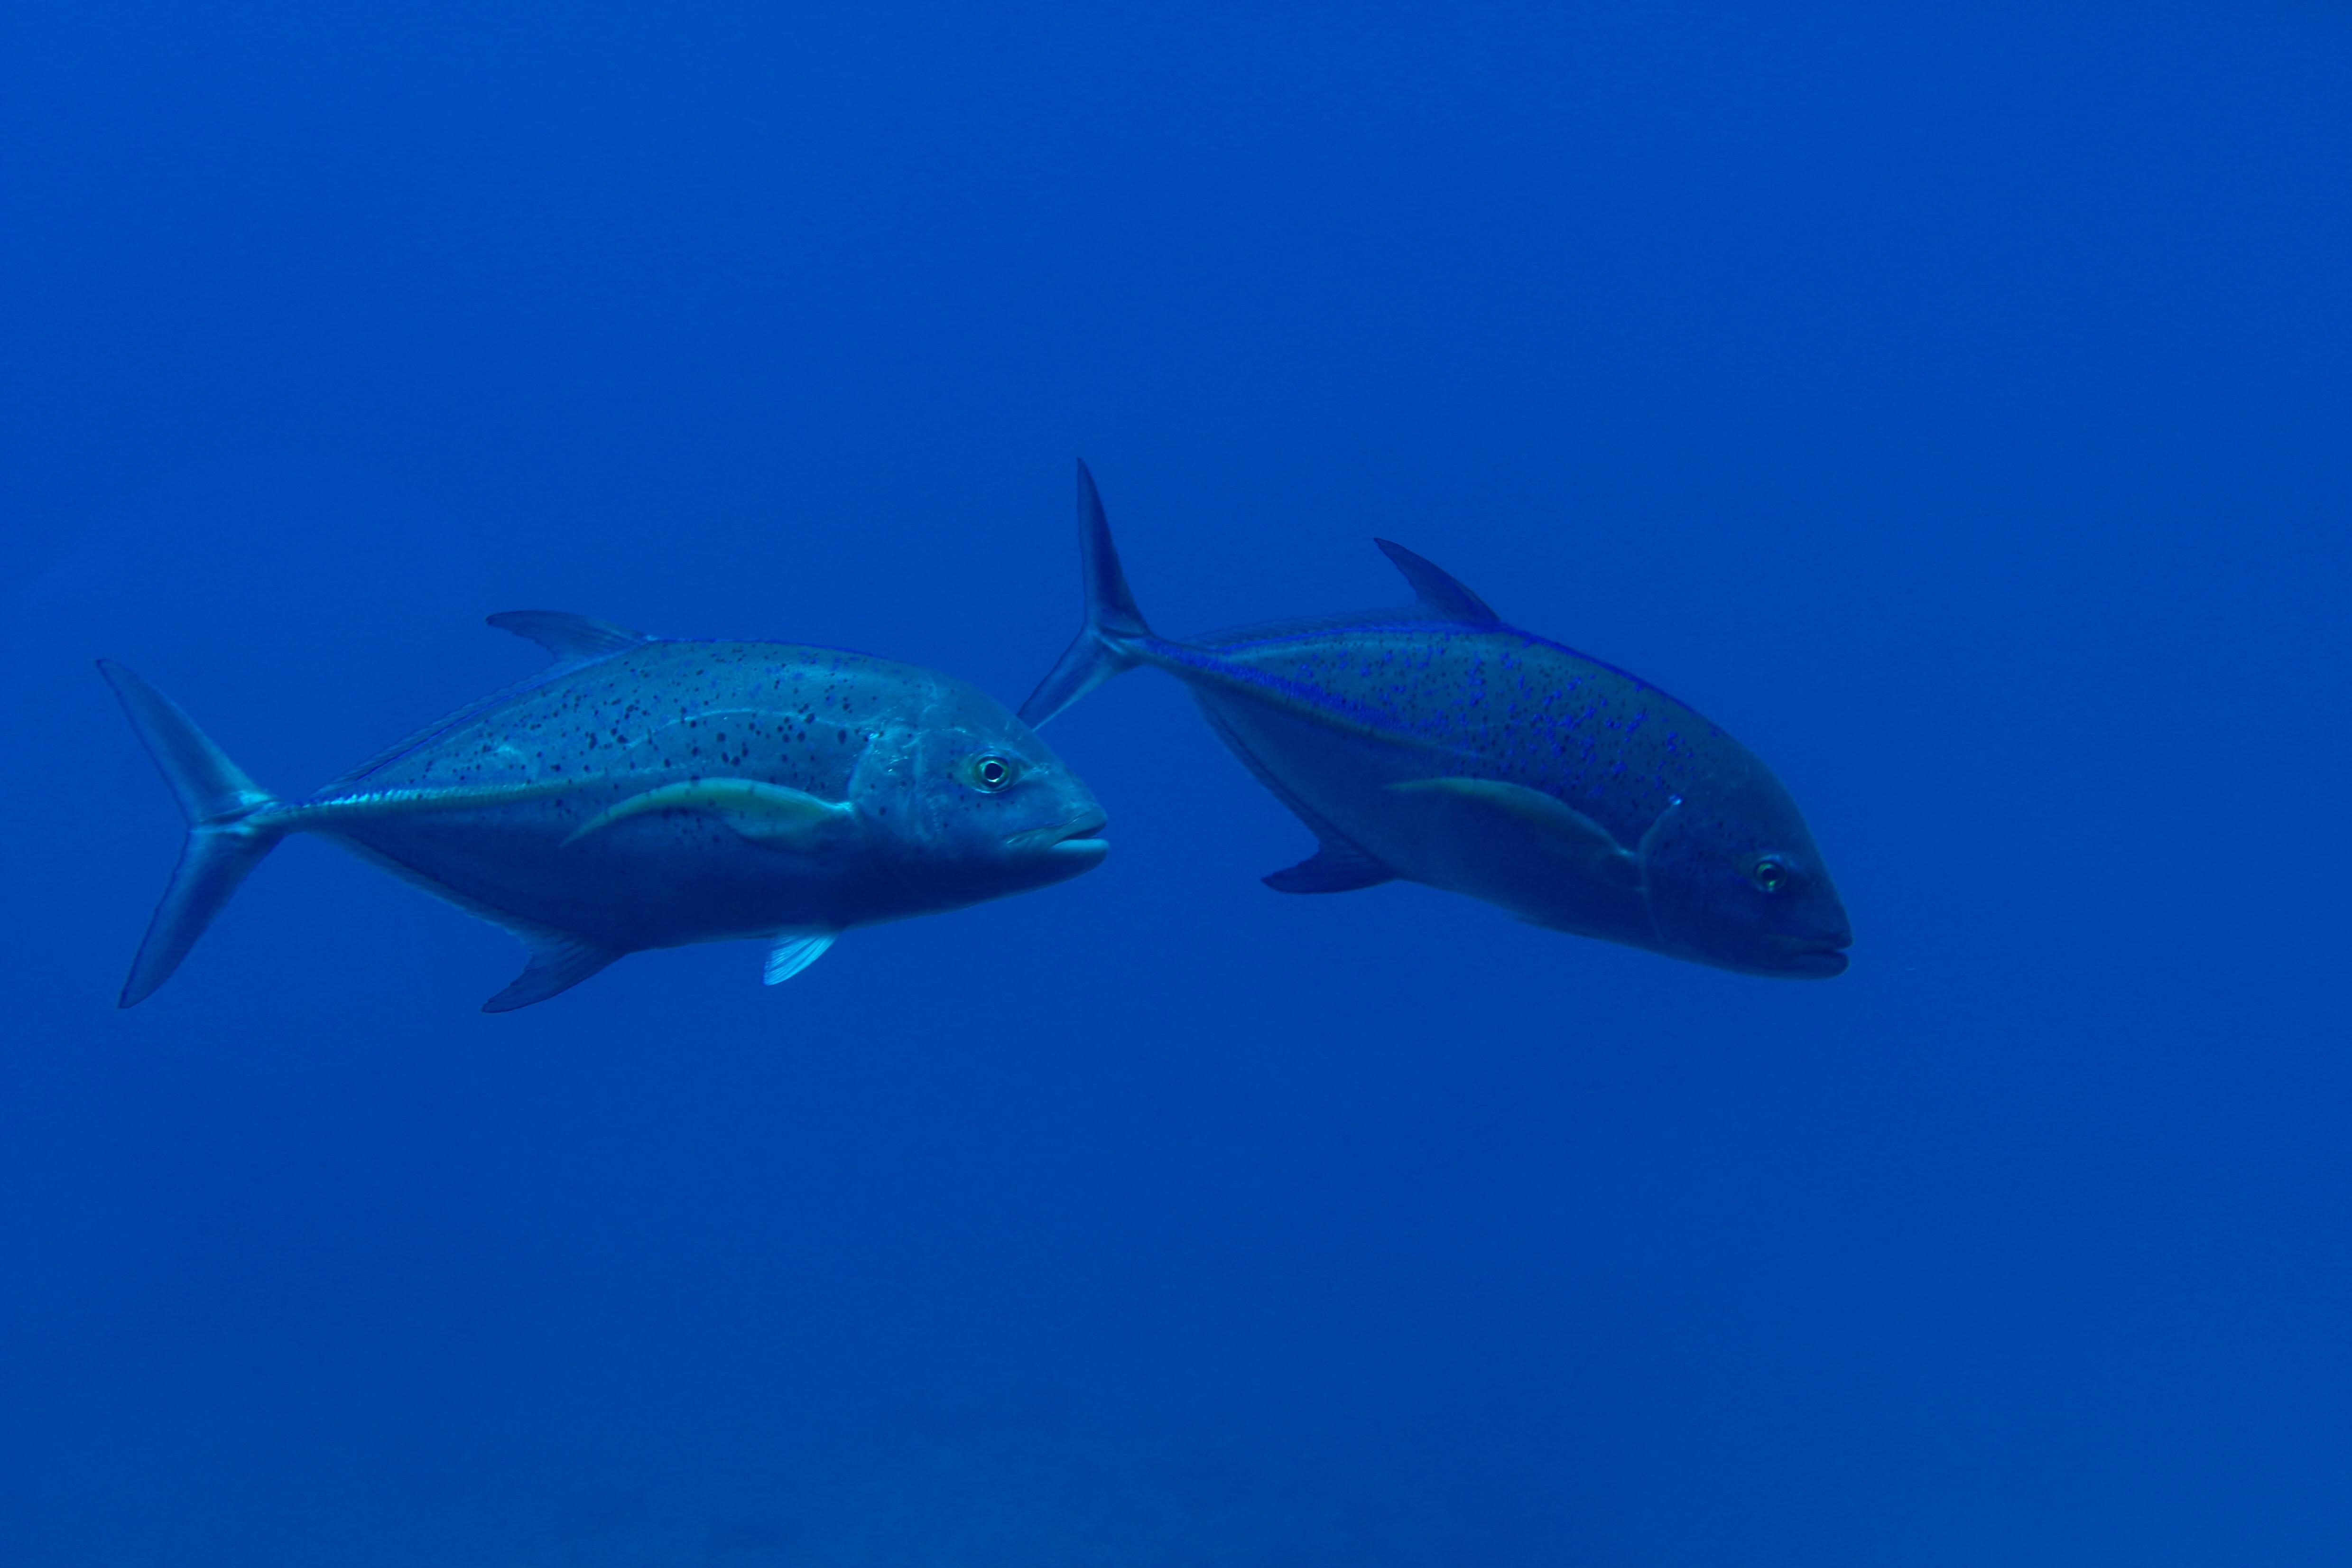 two gray fish underwater photo